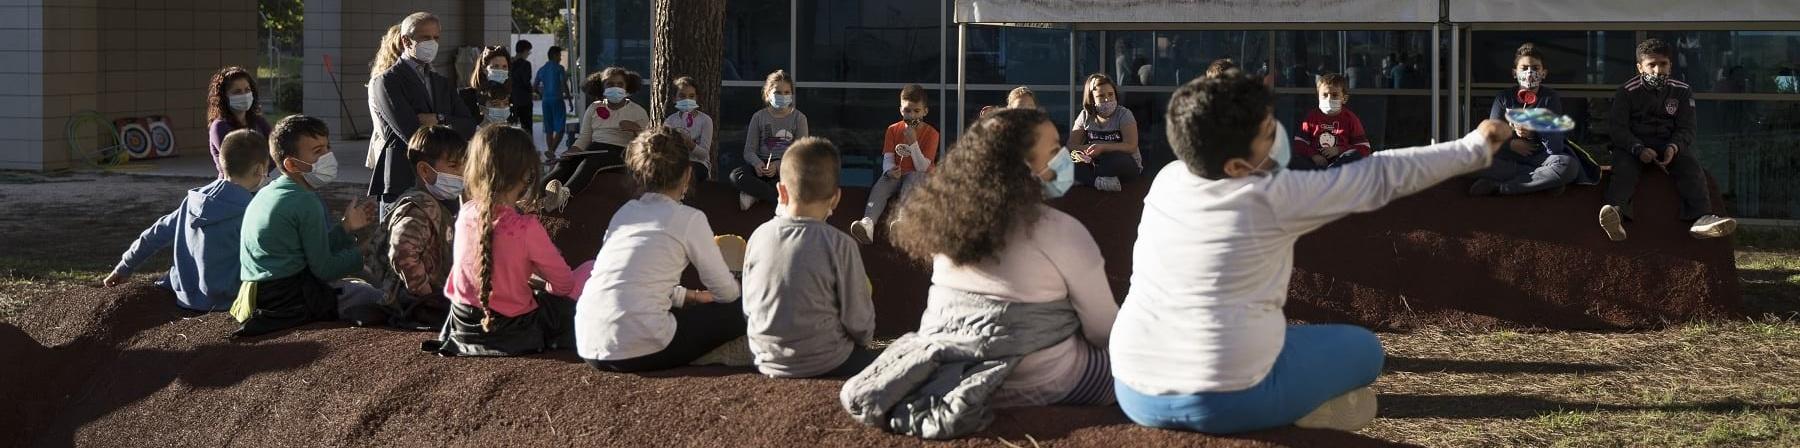 Foto all aperto, una fila di bambini di spalle seduti su un terrapieno guardano due gazebo bianchi montati di fronte a loro